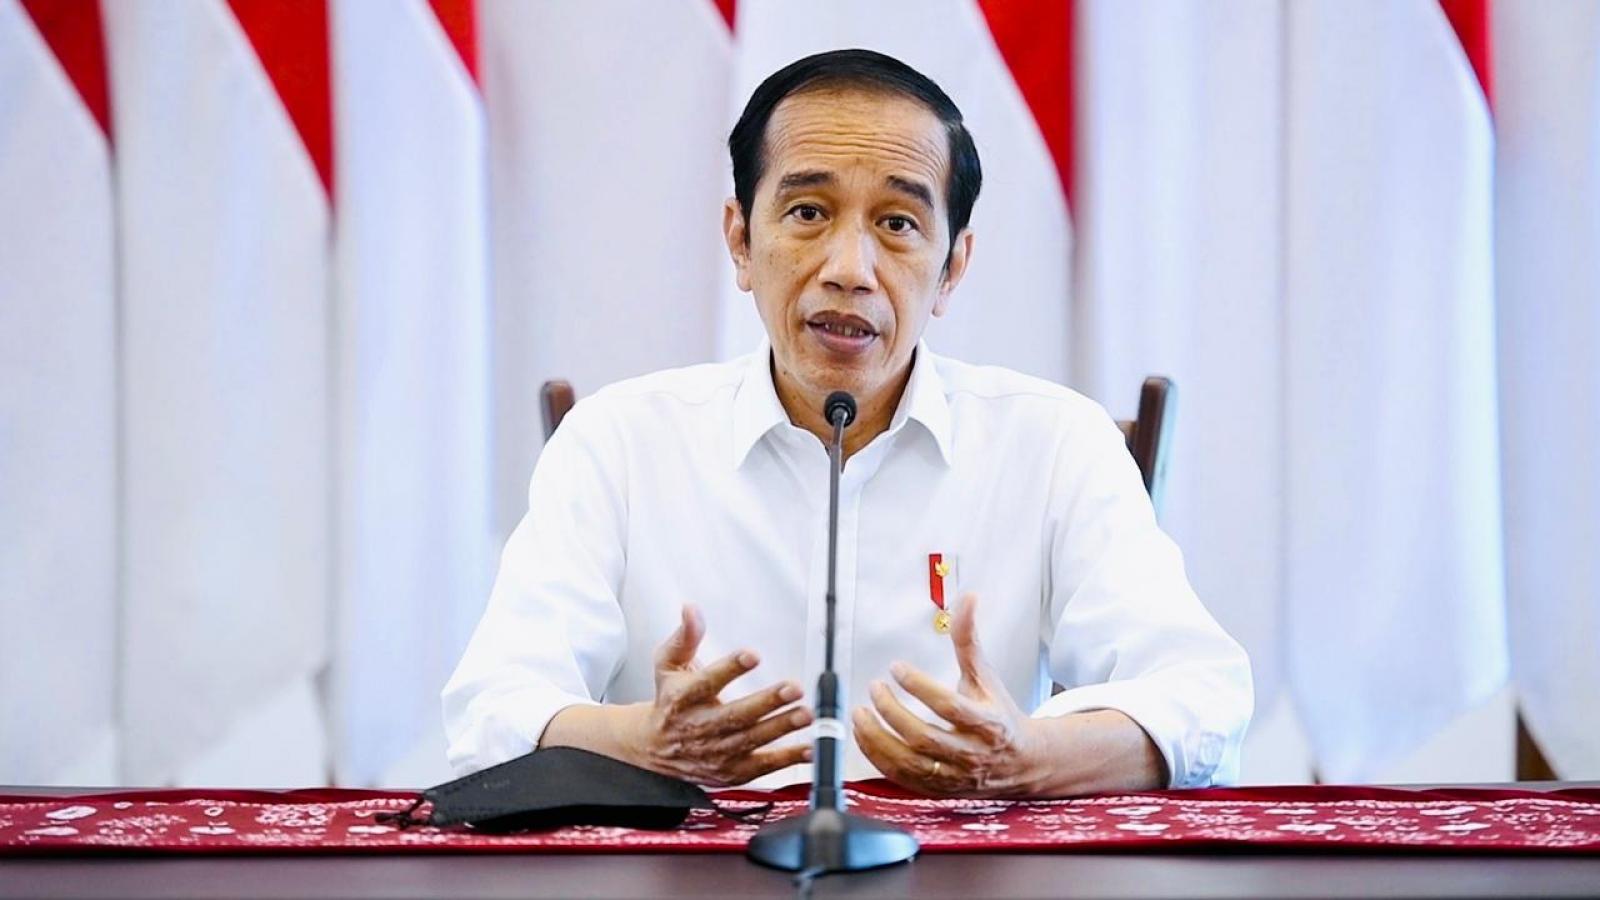 COVID-19 tăng kỷ lục, Tổng thống Indonesia yêu cầu người dân ở nhà